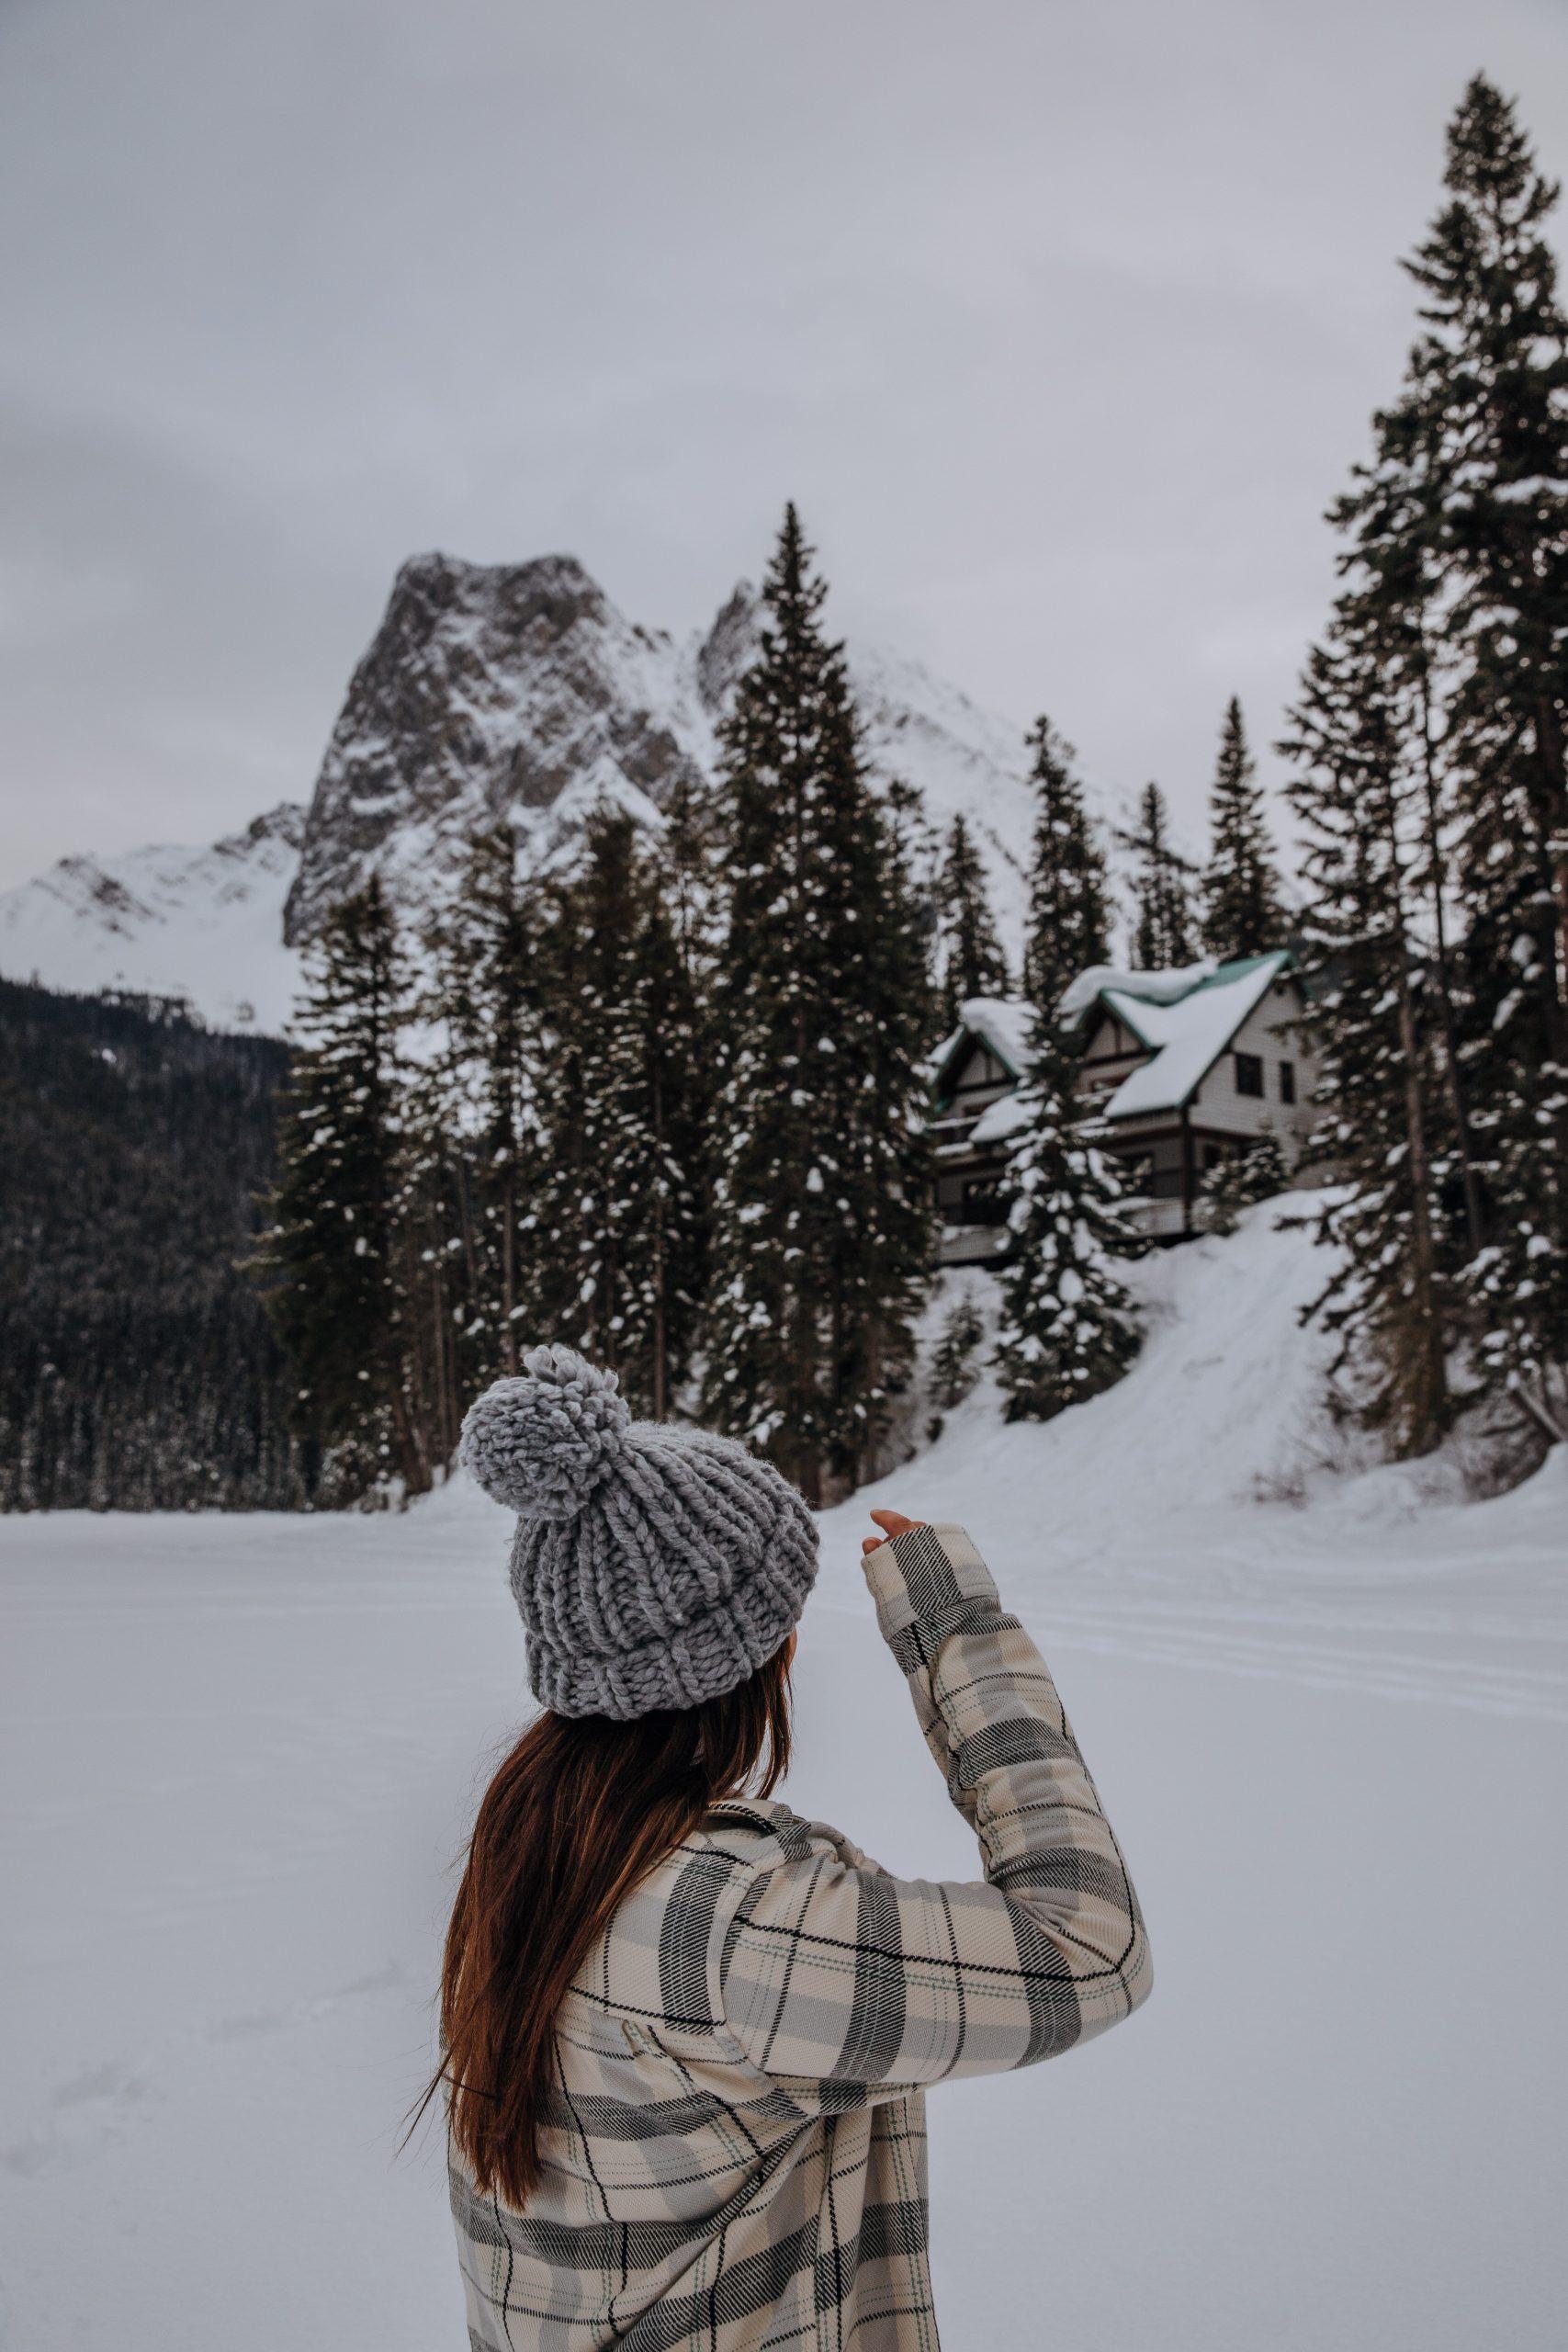 Girl walking on Emerald Lake in the winter